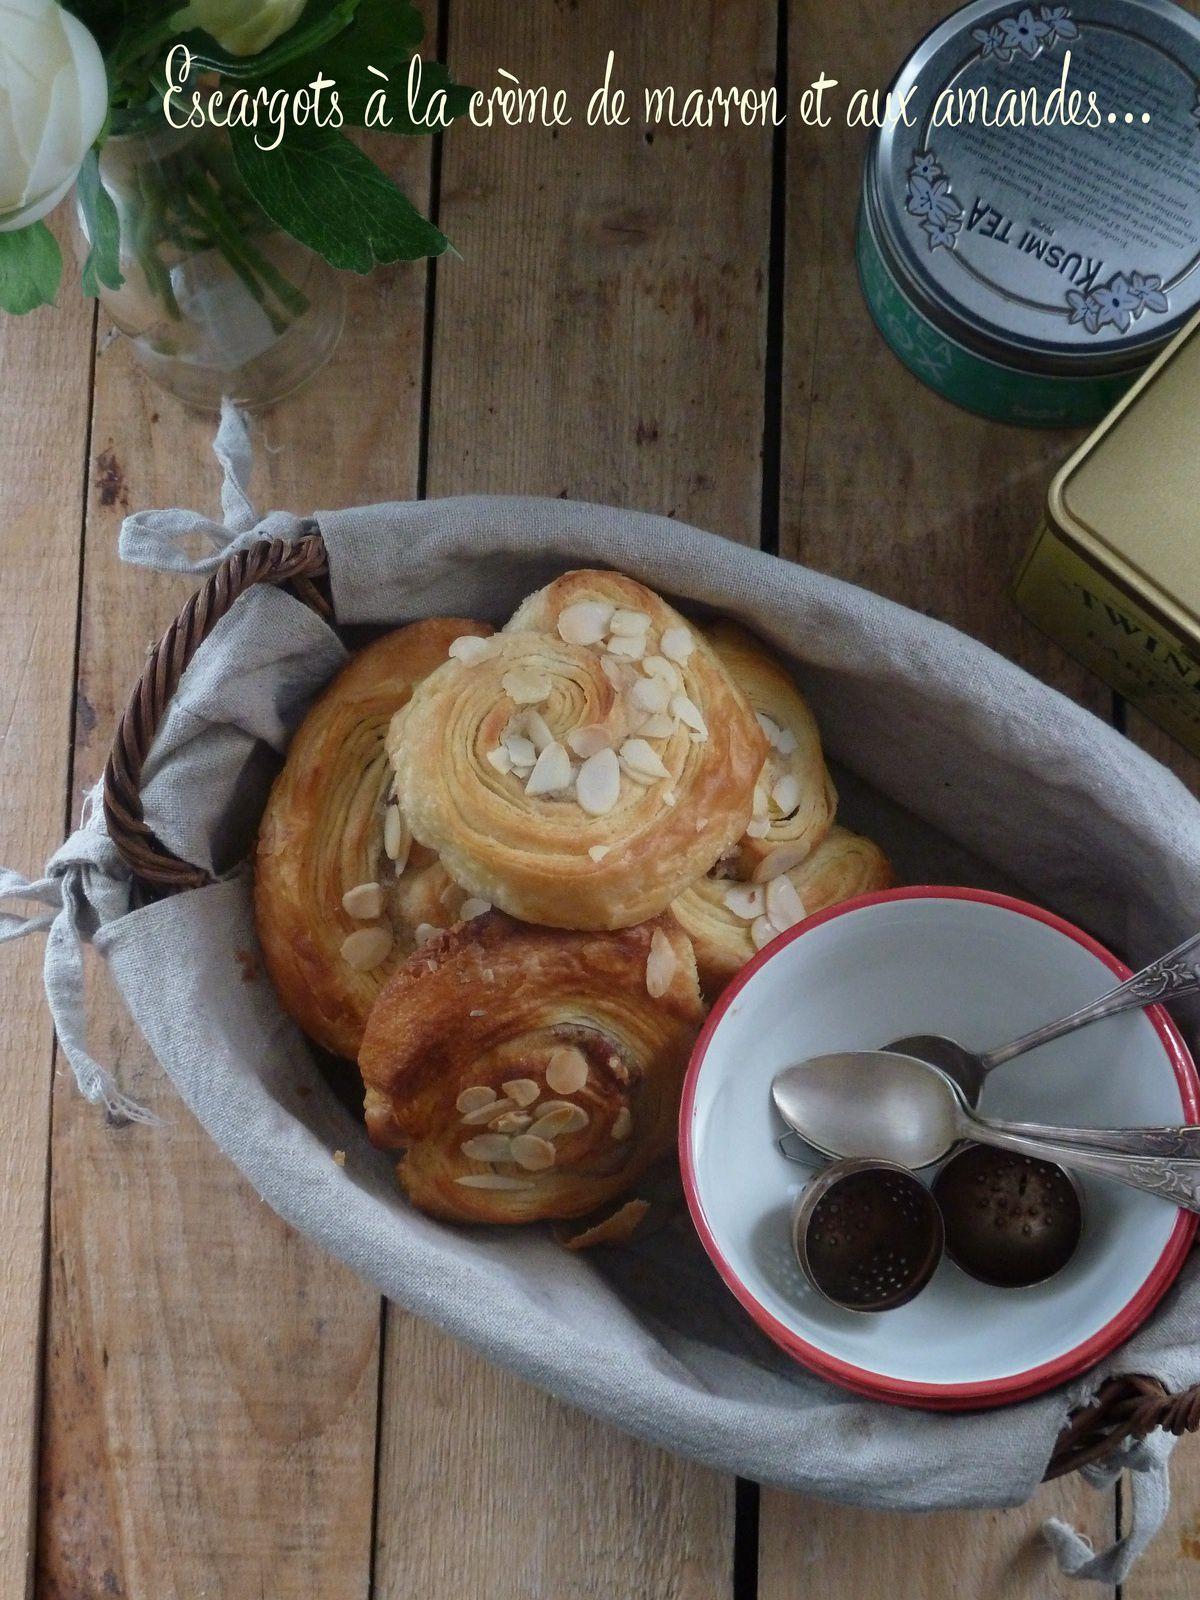 Escargots à la crème de marron et aux amandes